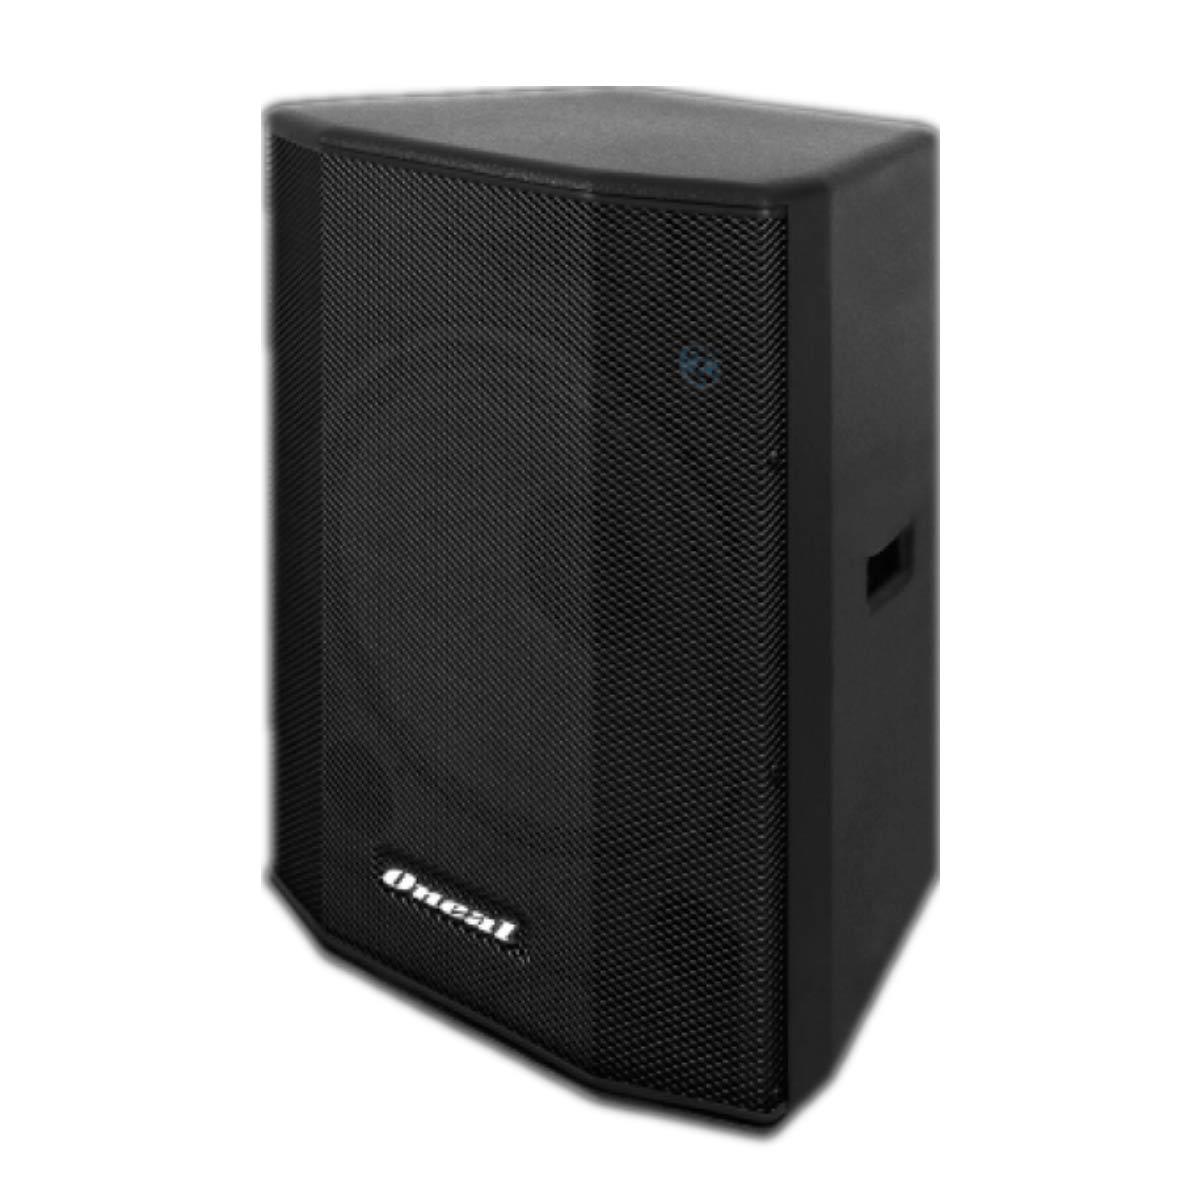 Caixa Acústica Oneal Passiva 200 W Rms Ob1950